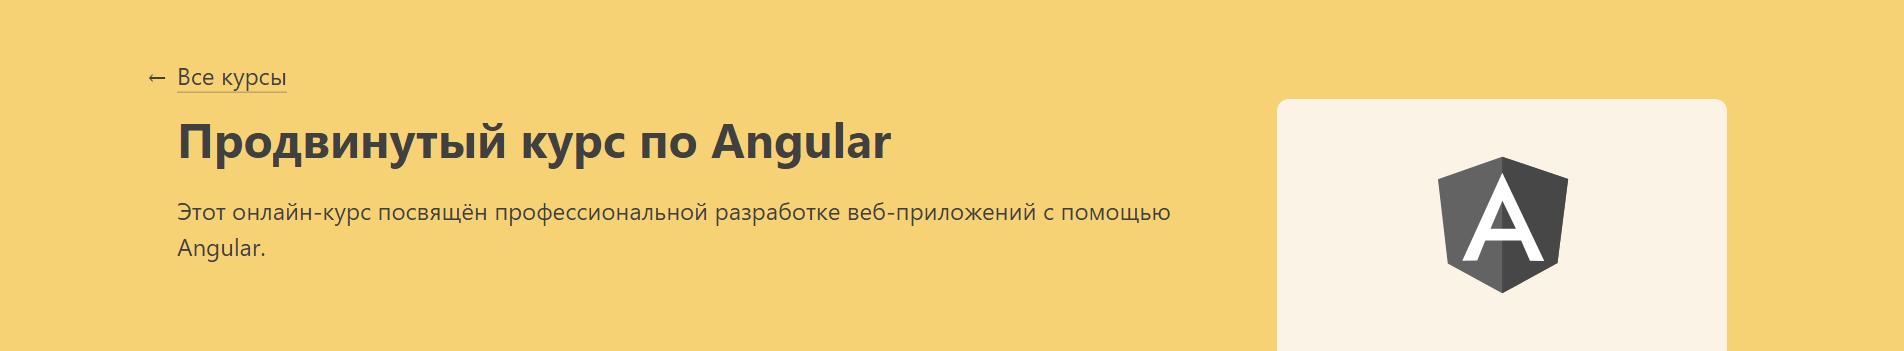 Продвинутый курс по Angular.png